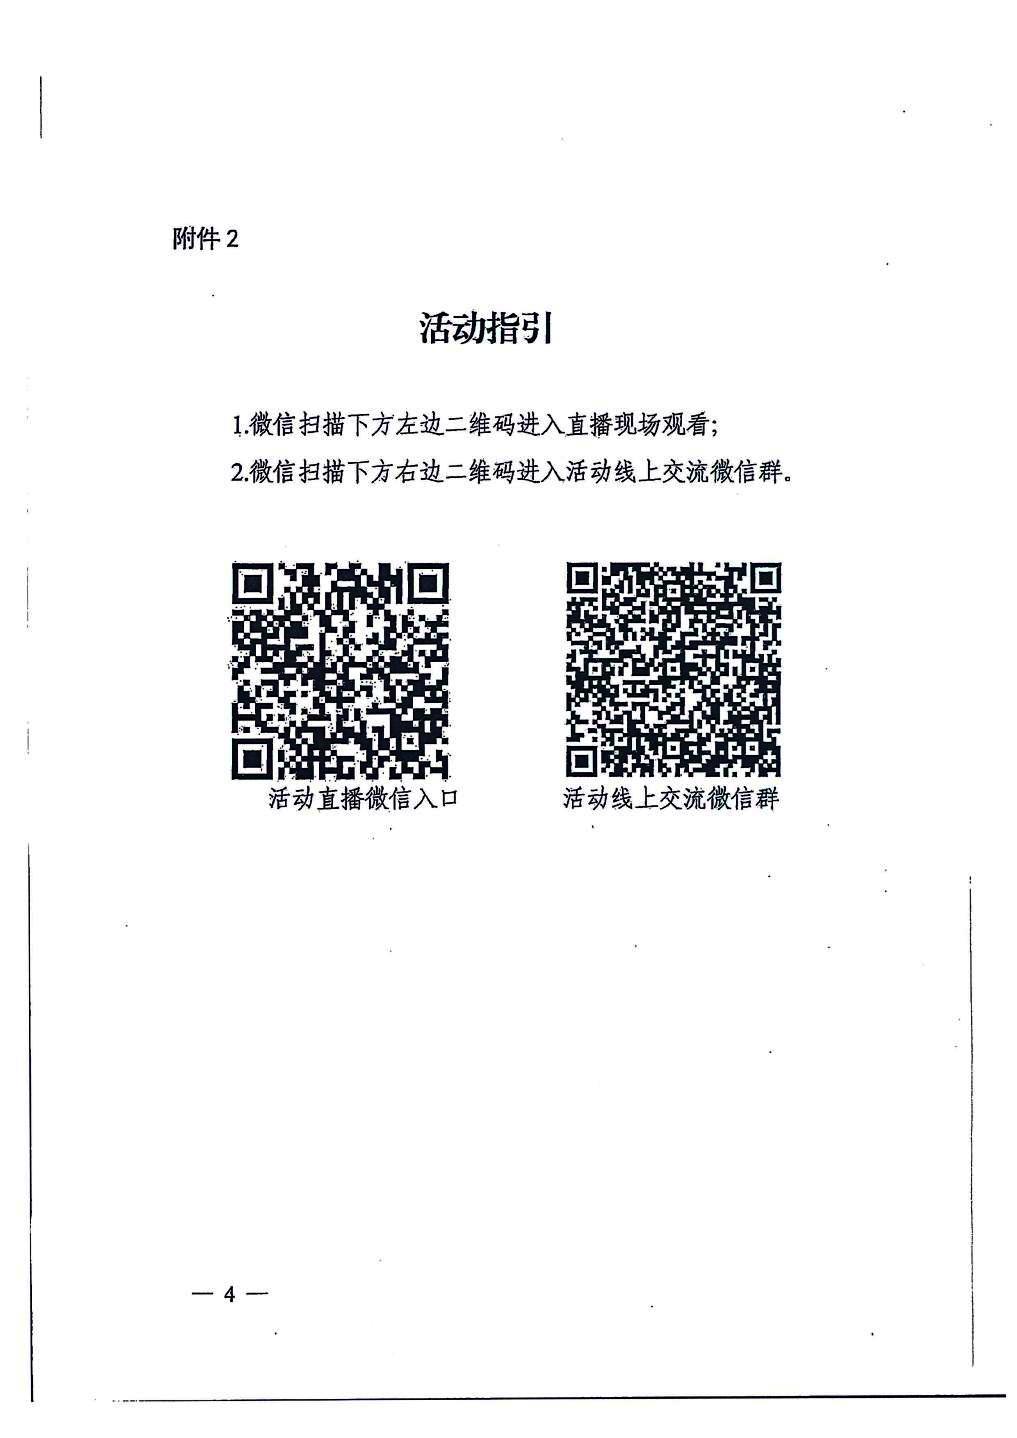 关于转发广东省知识产权保护中心邀请创新主体参加国际知识产权保护线上巡回演讲活动的通知(图4)